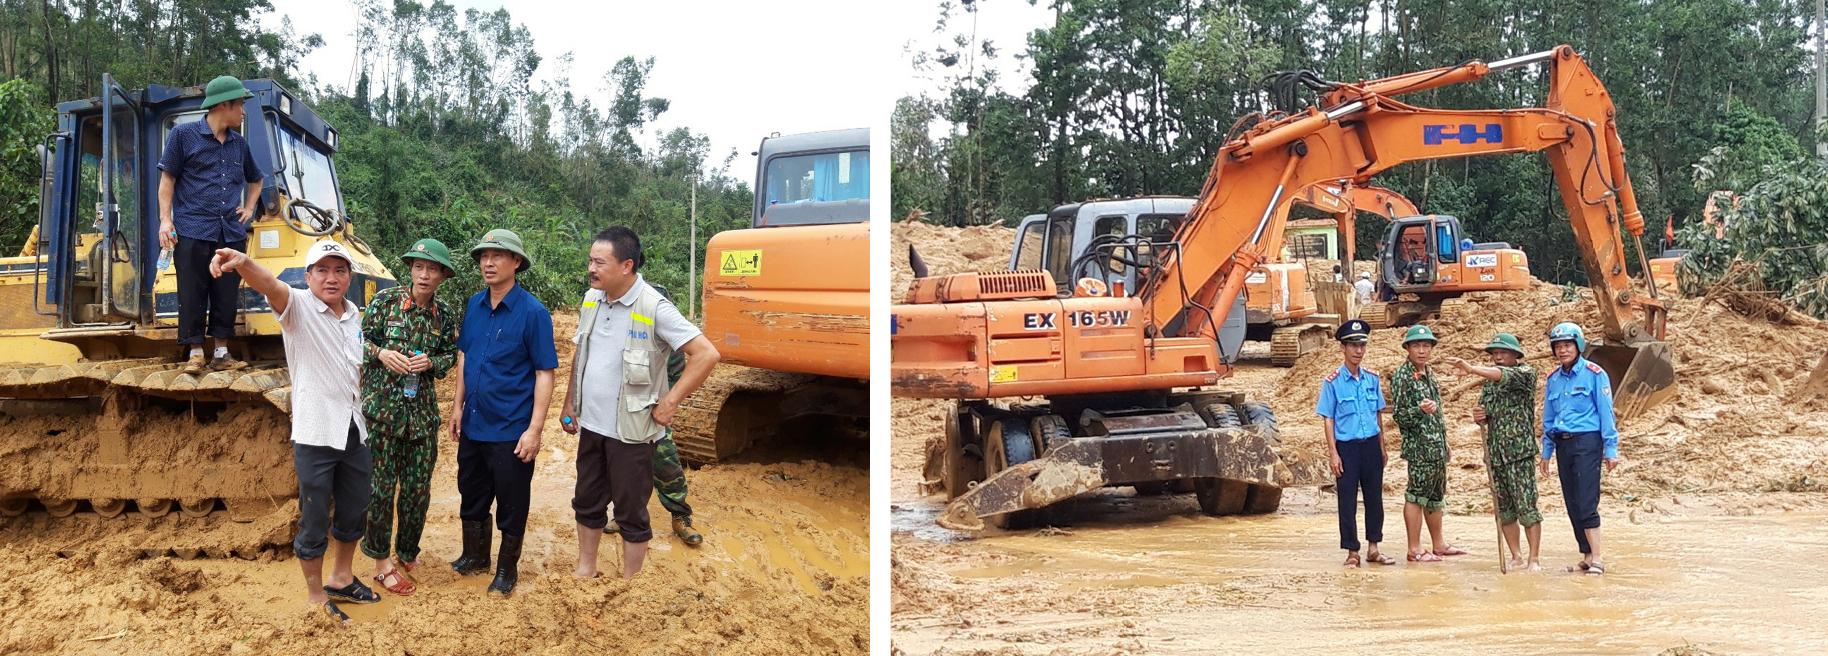 Toàn cảnh cuộc vượt rừng tìm kiếm, cứu nạn người mất tích ở Rào Trăng 3 ảnh 19